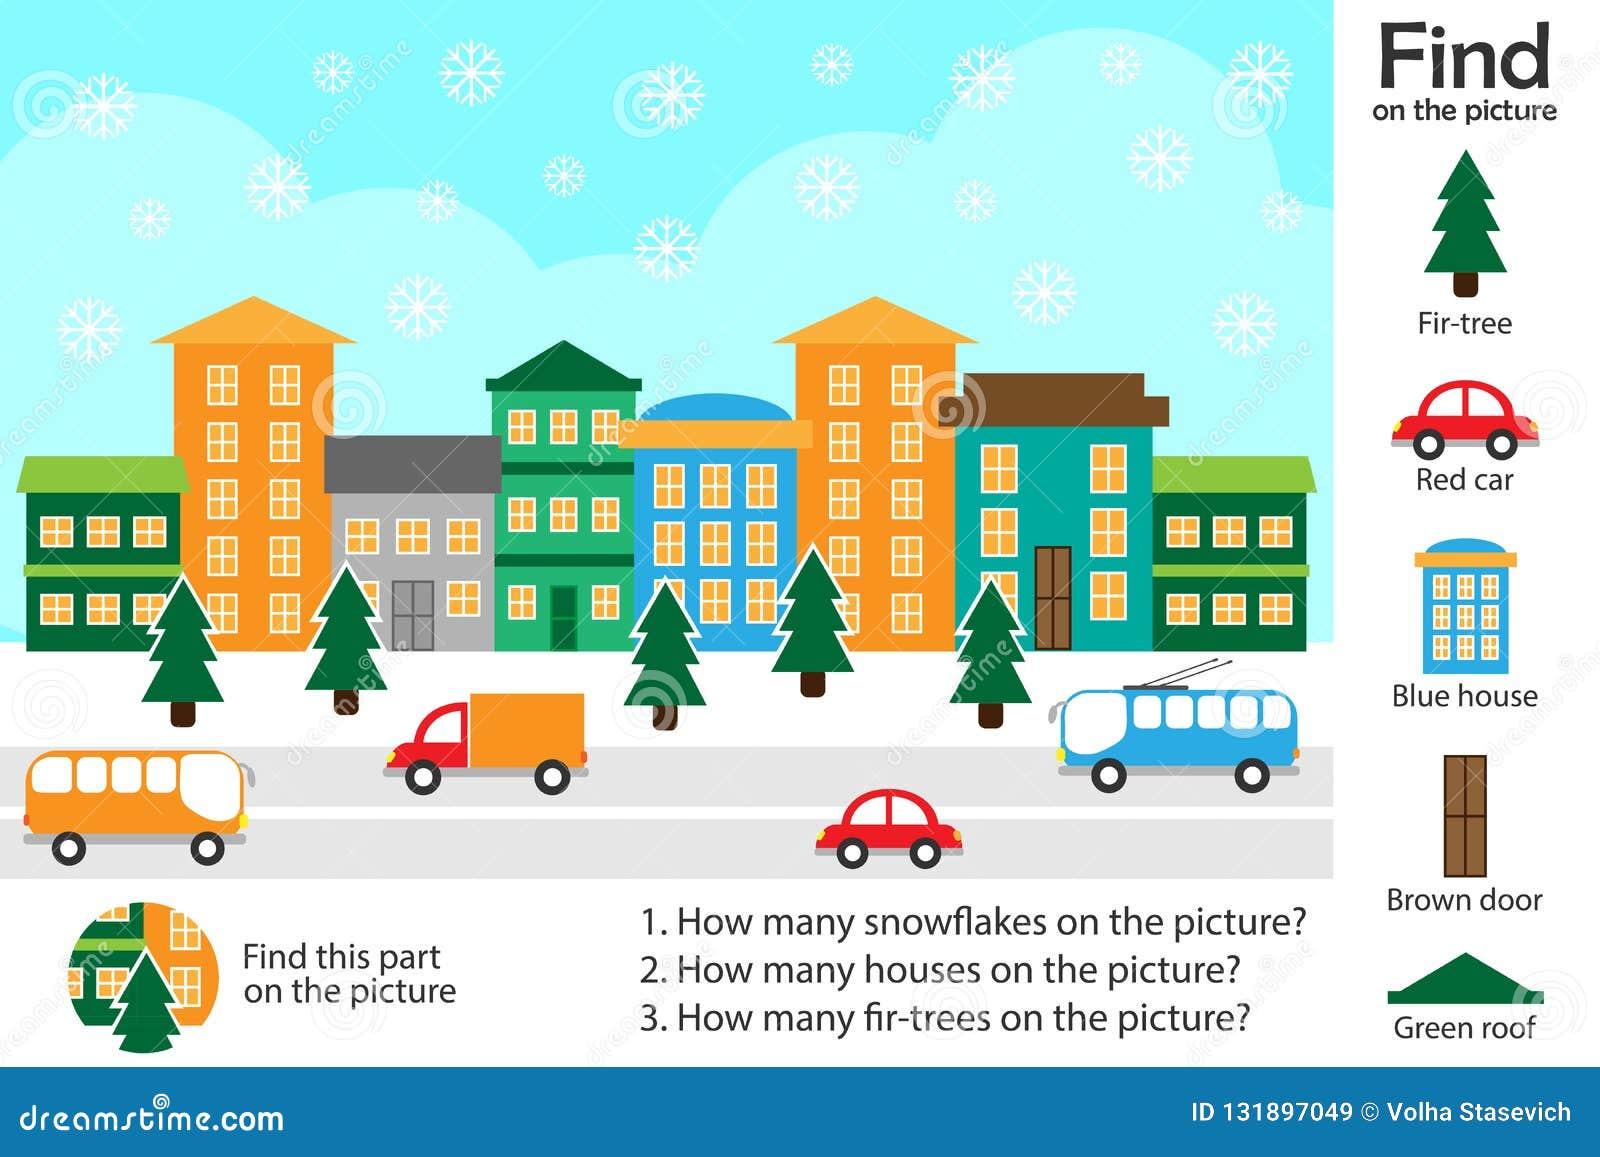 活动页,在动画片样式的圣诞节图片,发现图象和回答问题,发展的视觉教育比赛